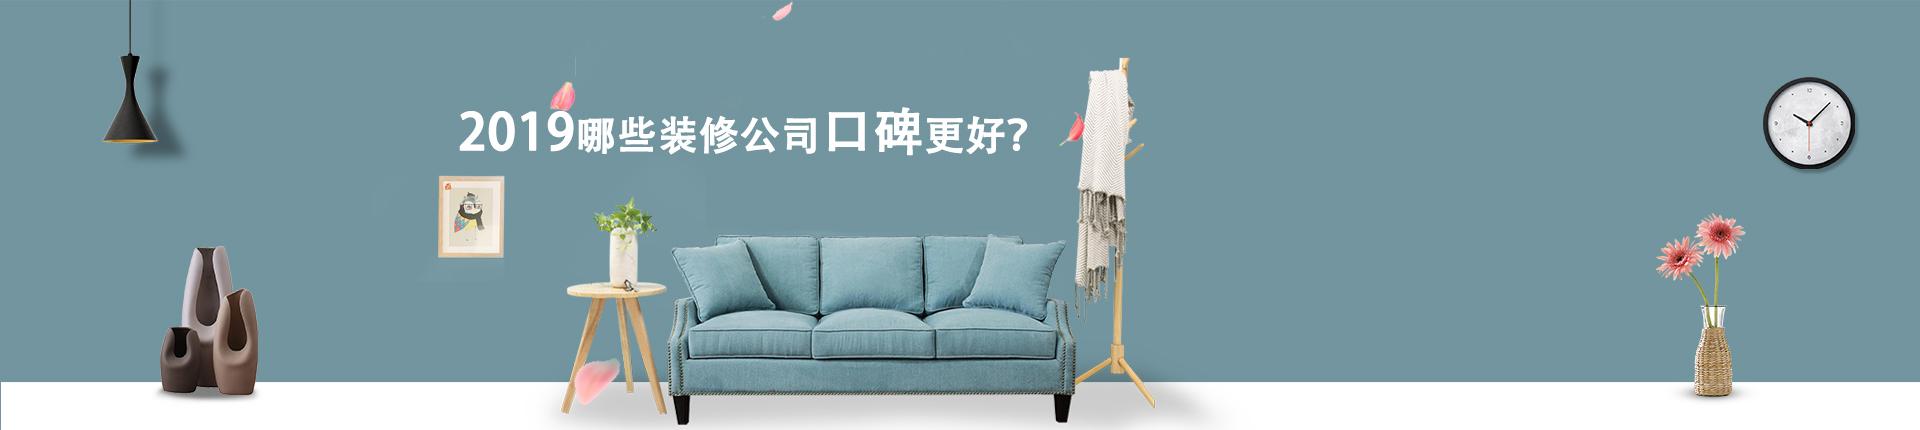 2019重庆装修公司前三名有哪些?